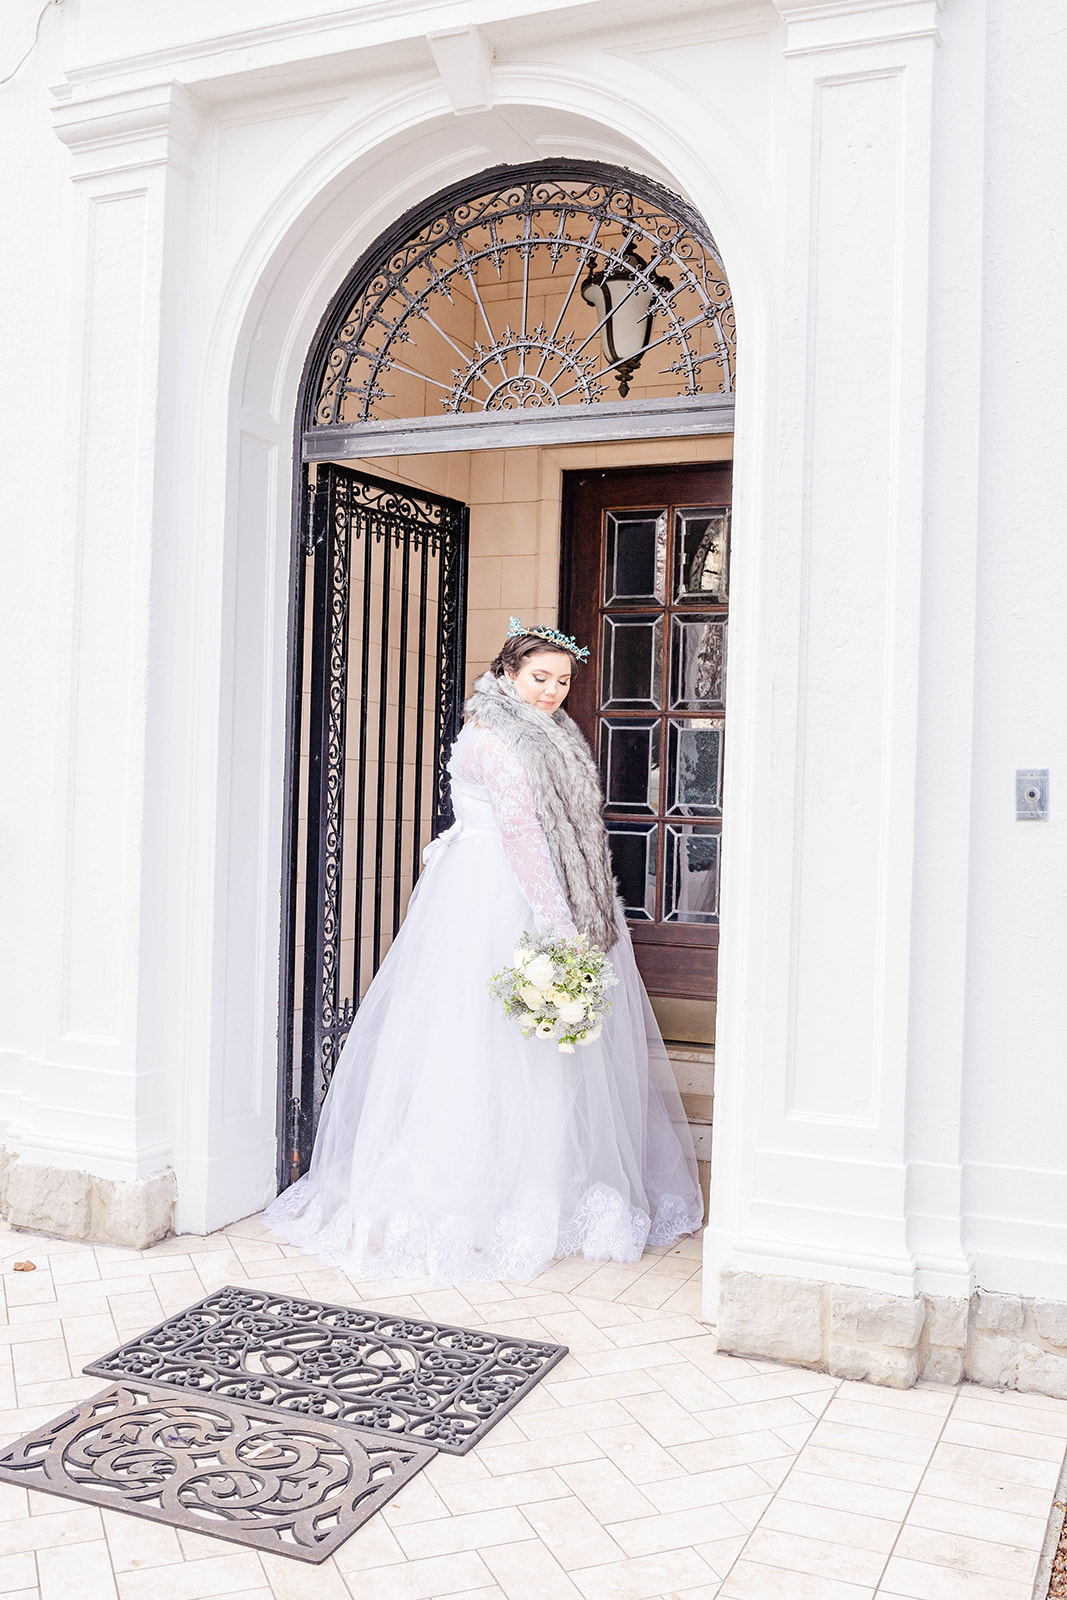 Kylie Bush, the bride model